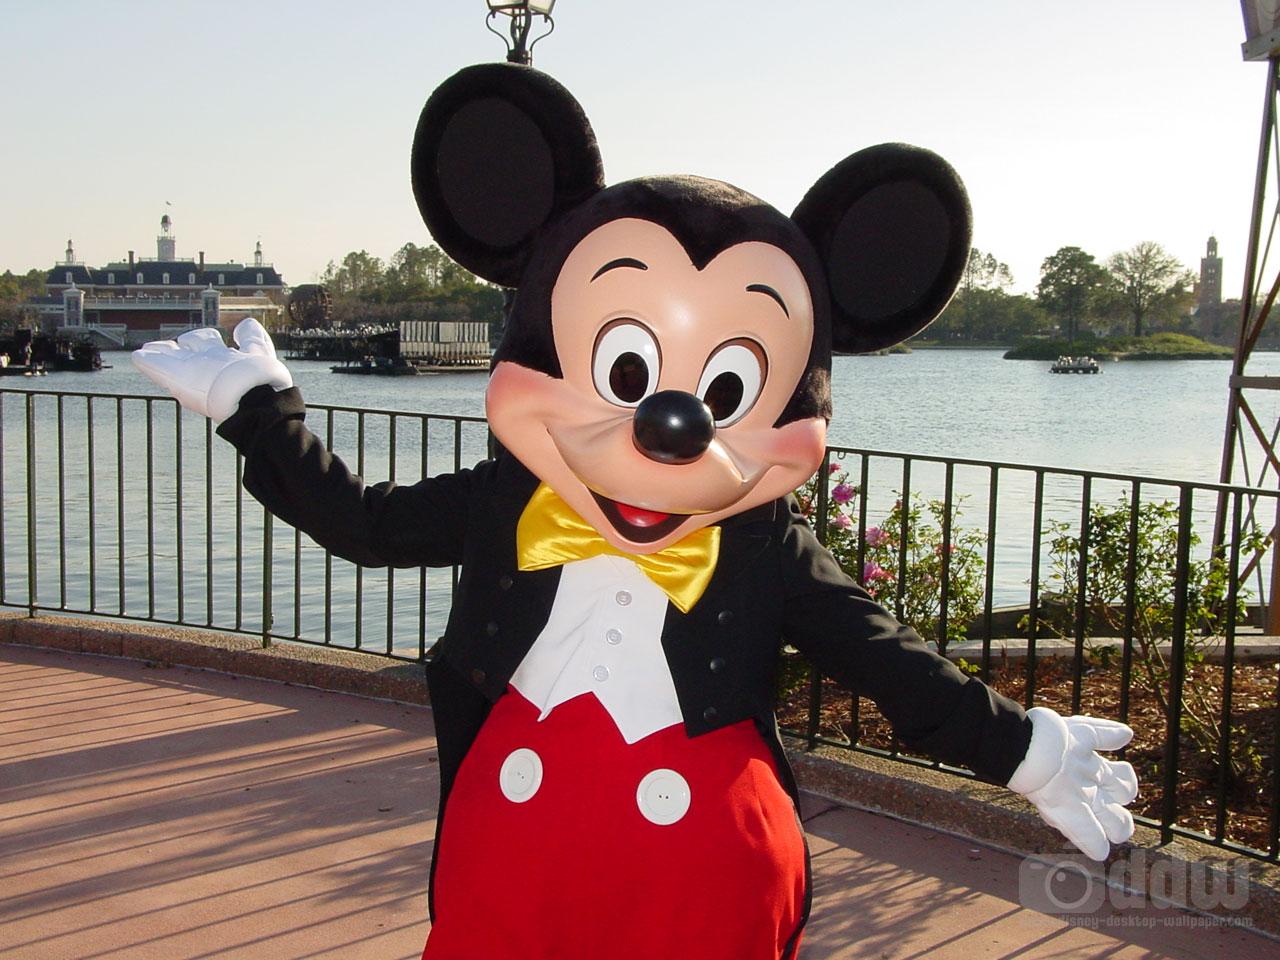 huge Disney fan